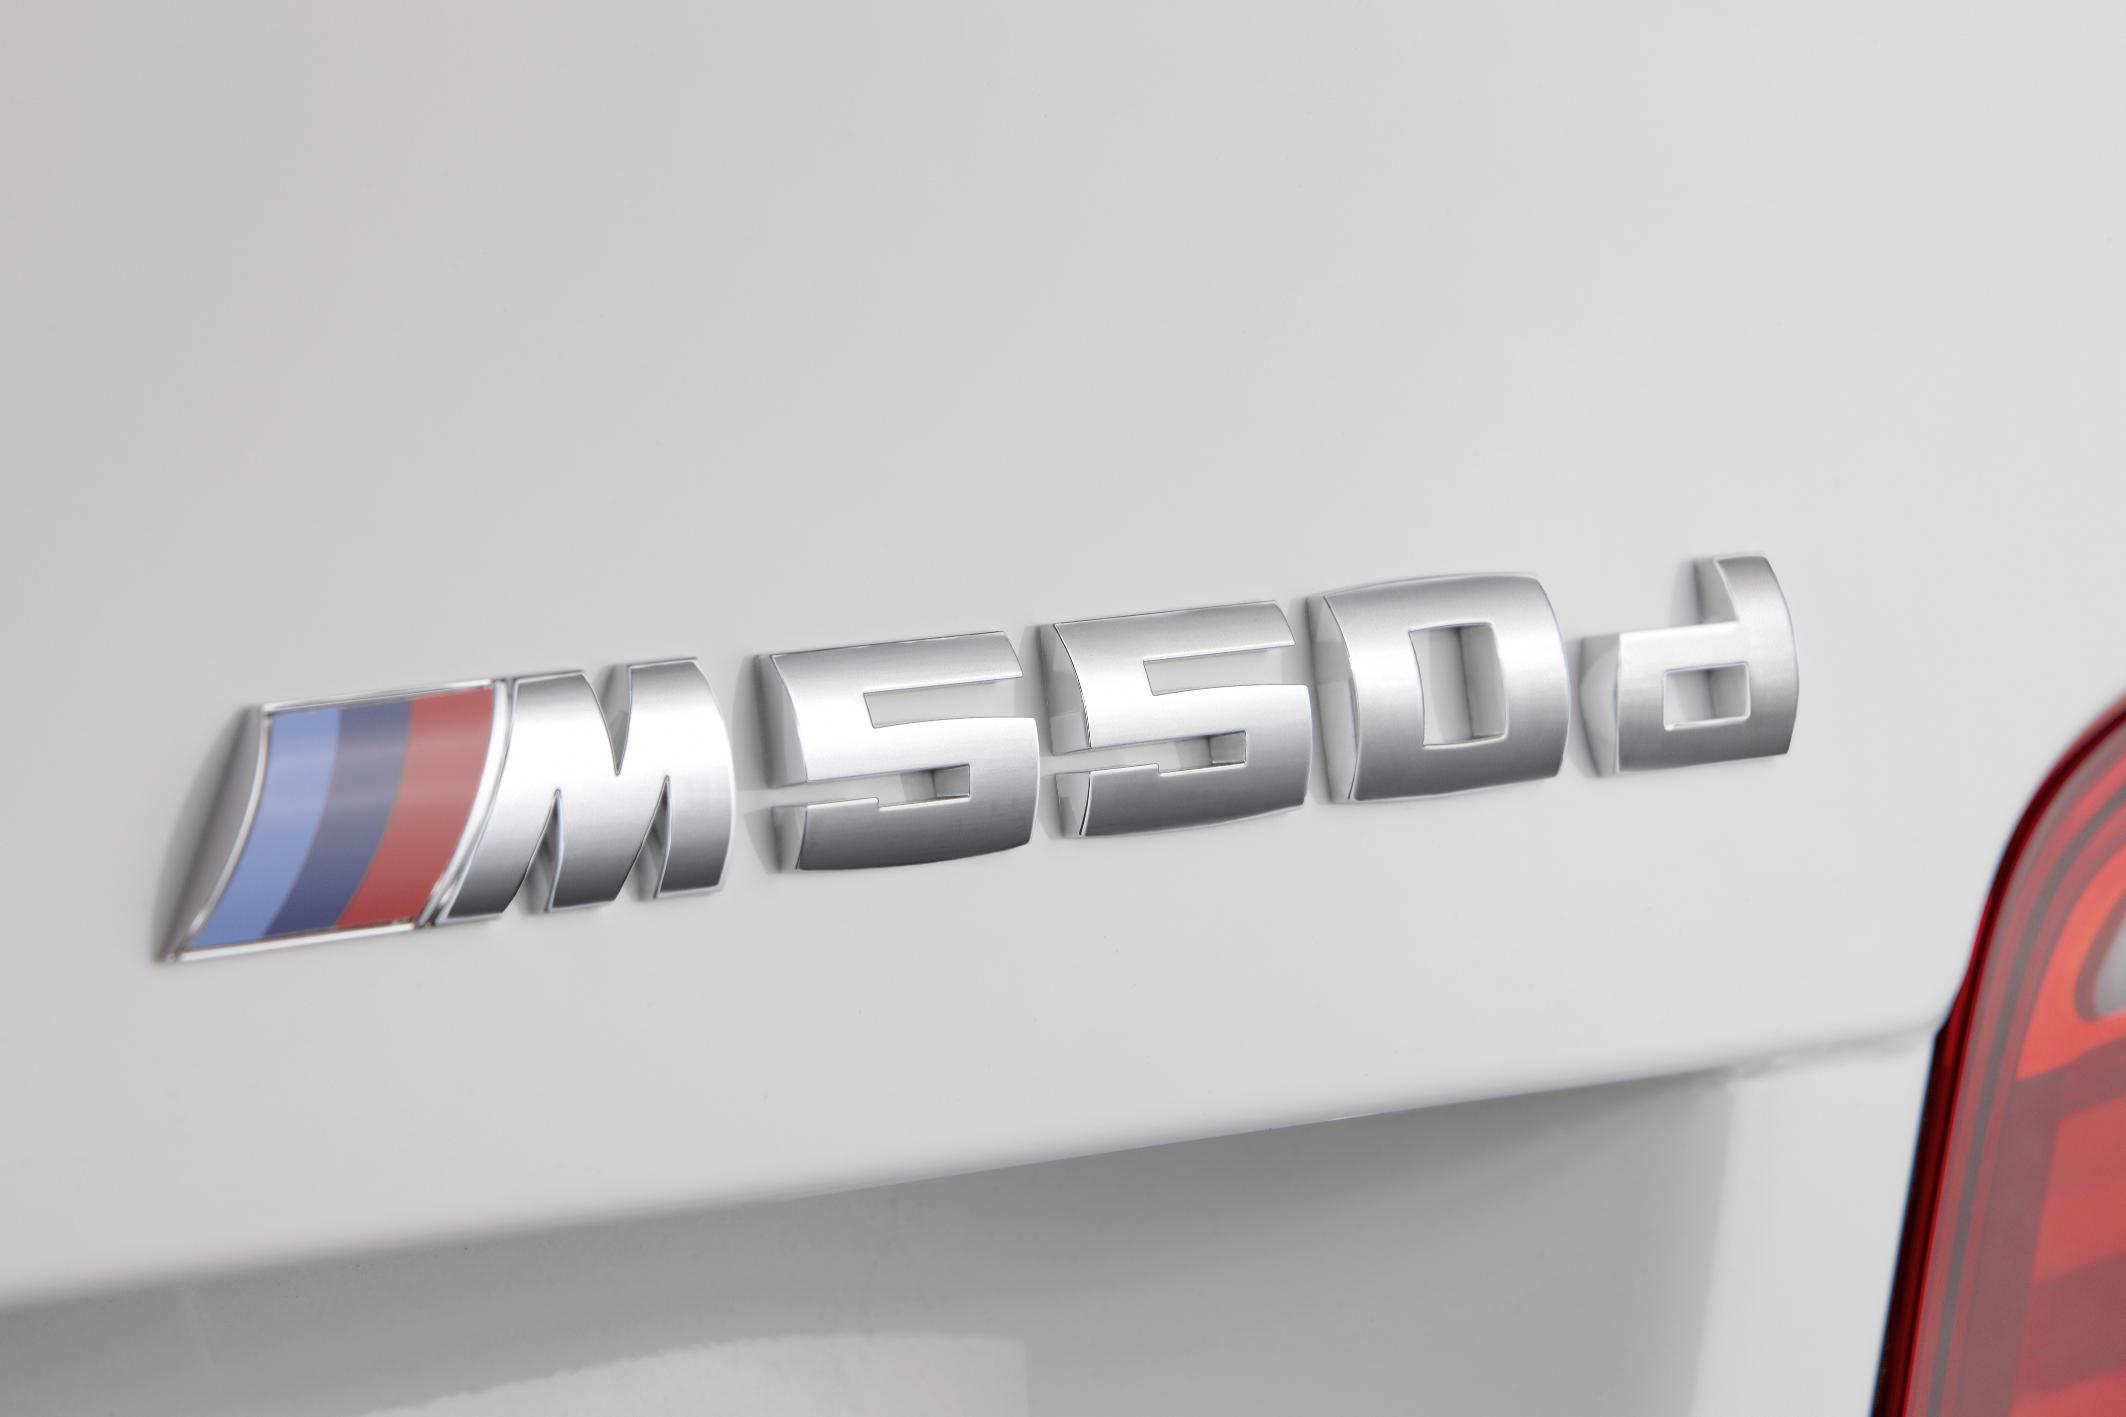 Bmw x5 m logo